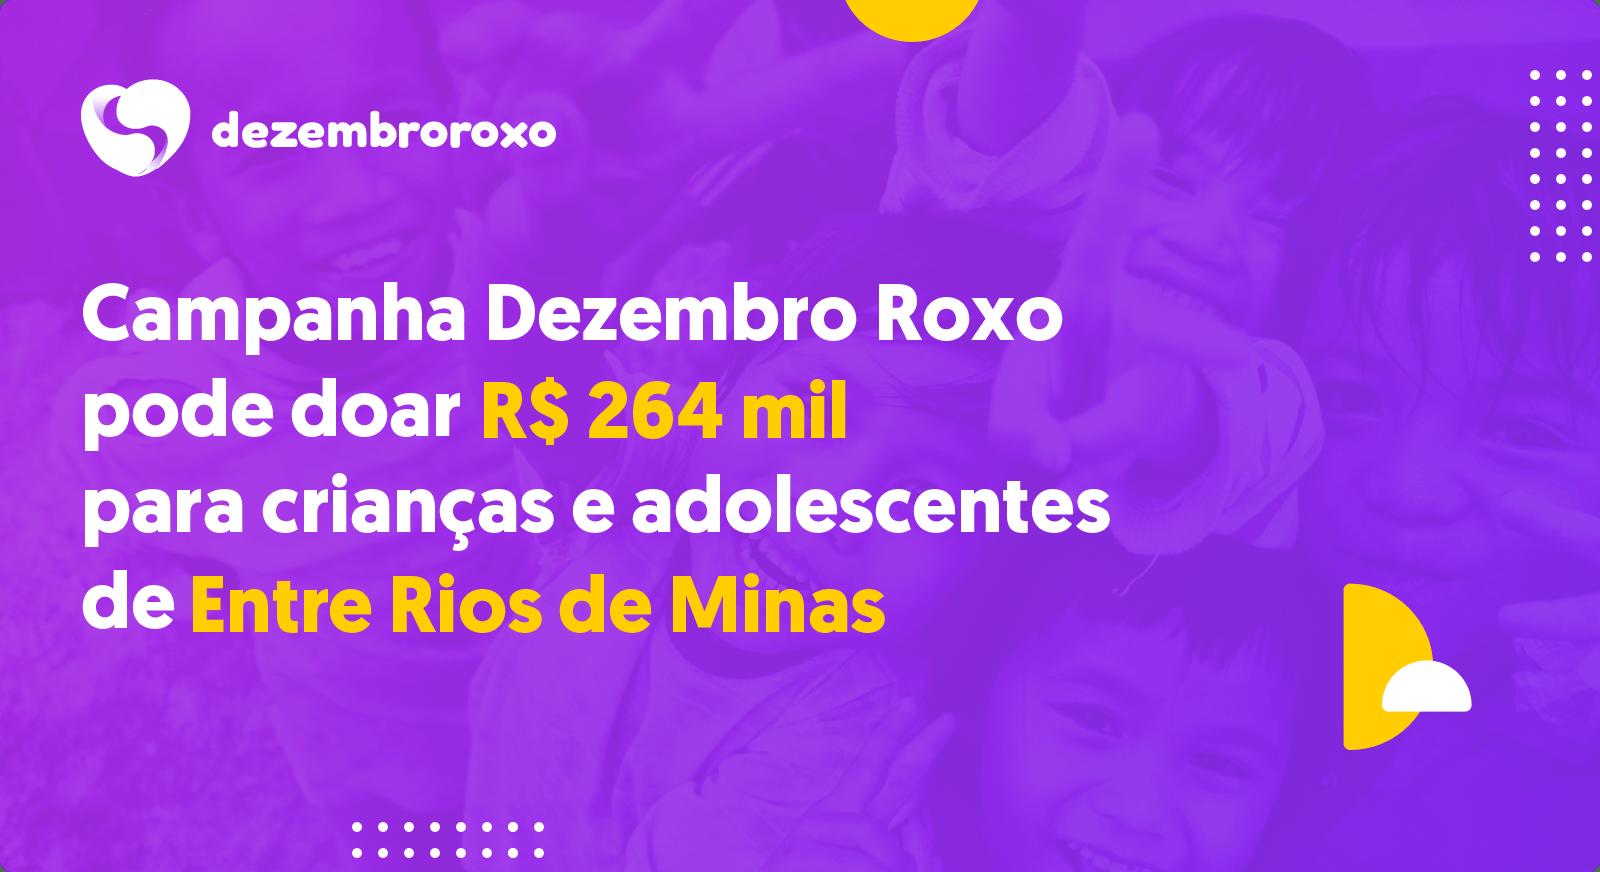 Doações em Entre Rios de Minas - MG